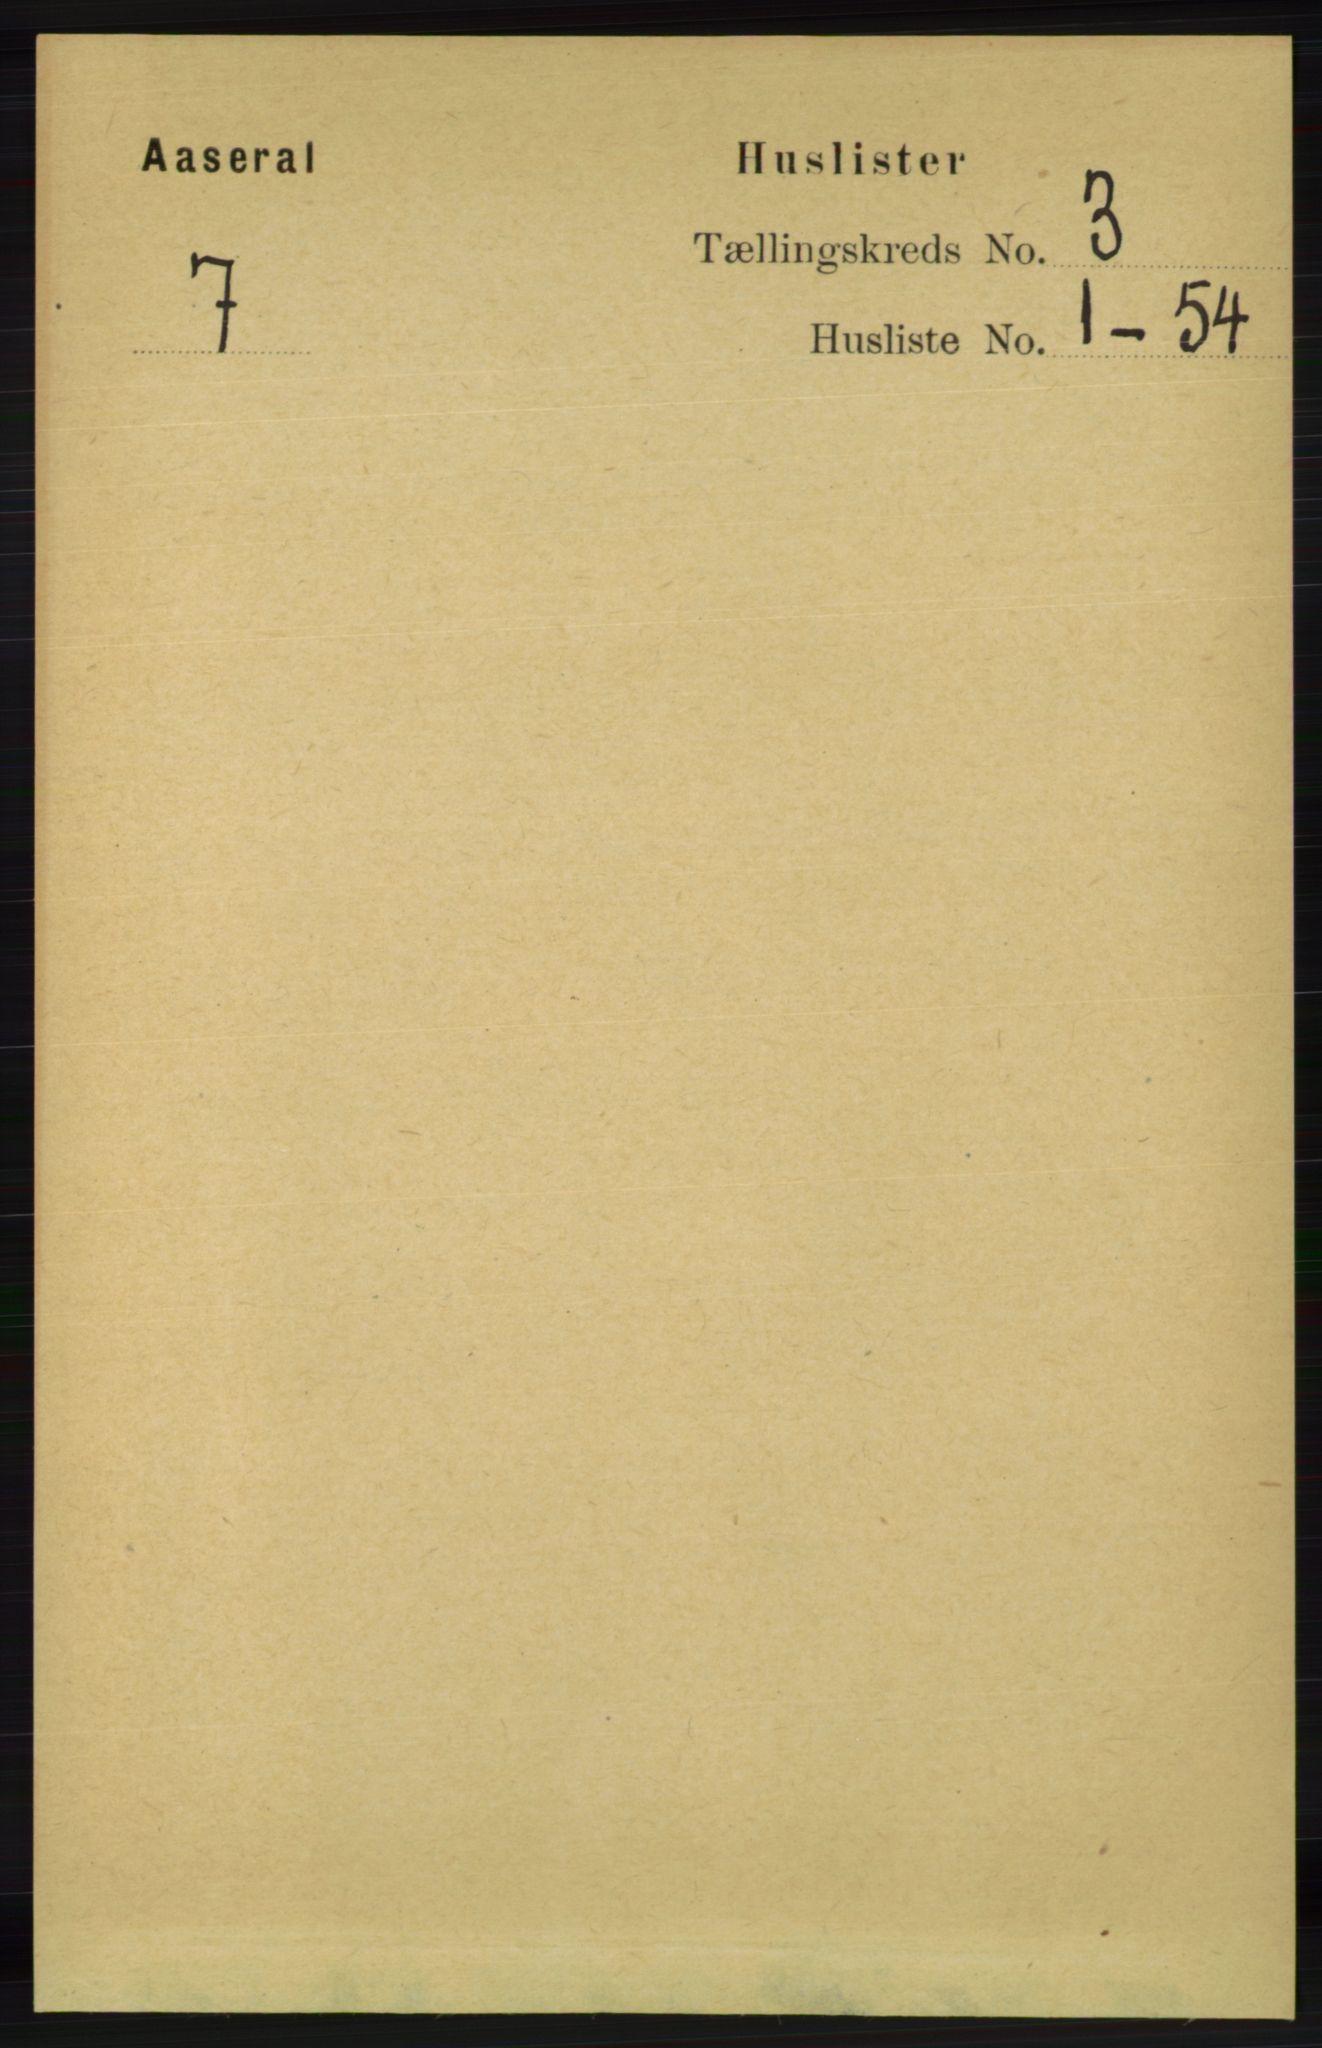 RA, Folketelling 1891 for 1026 Åseral herred, 1891, s. 723